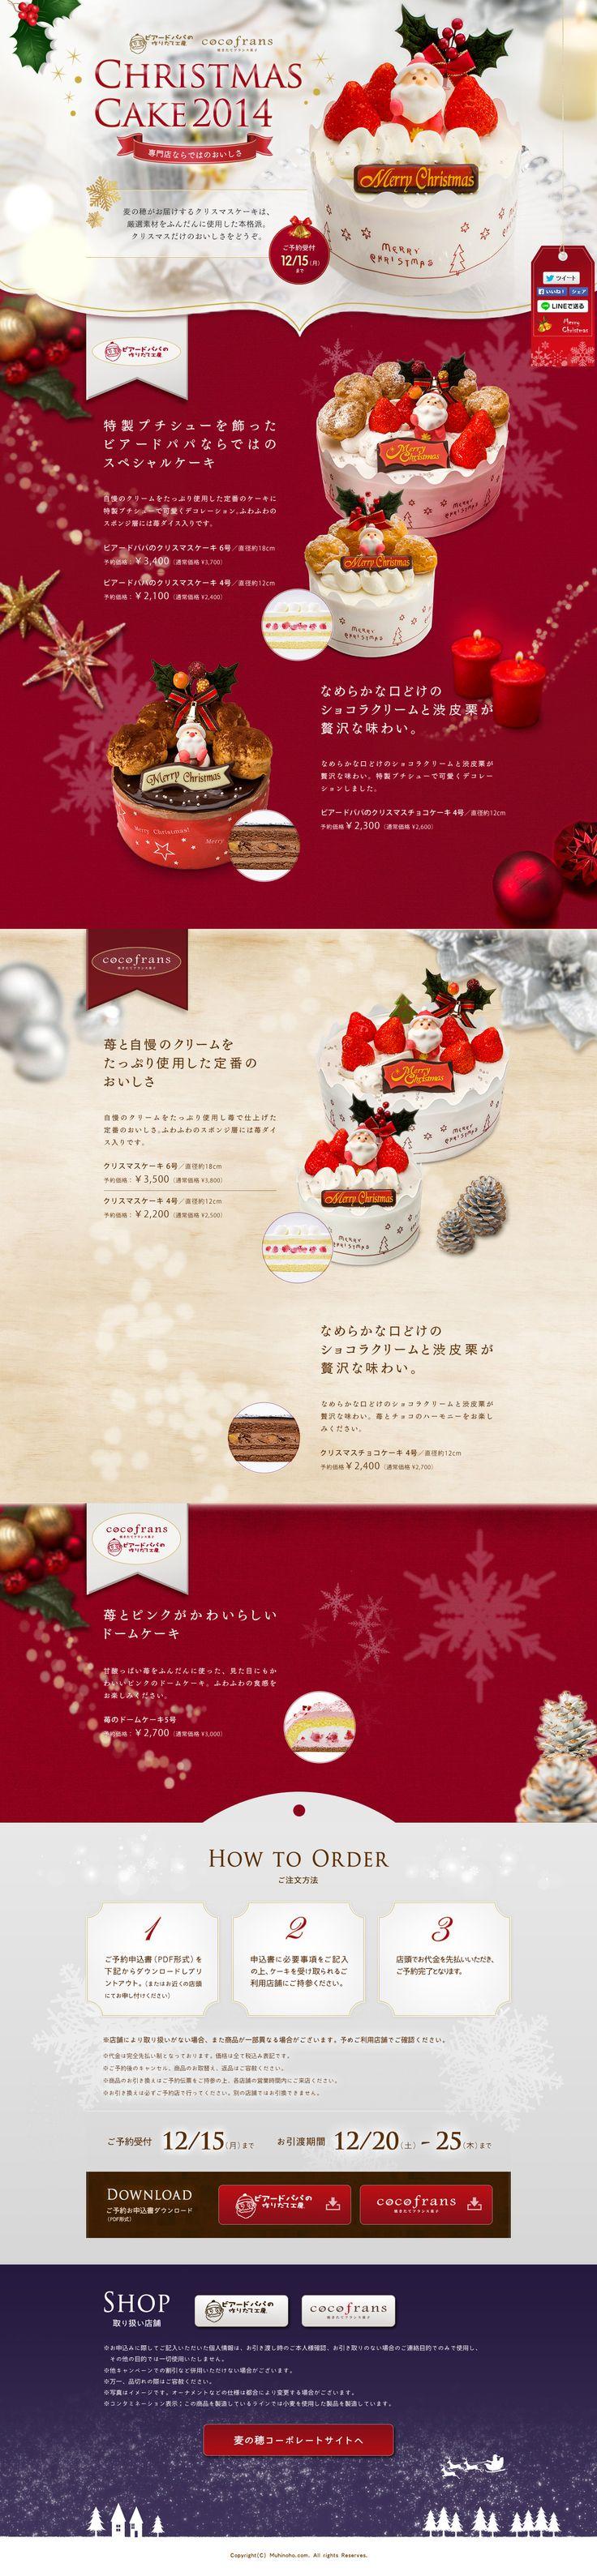 クリスマスケーキ2014:ビアードパパ・ココフラン                                                                                                                                                                                 More